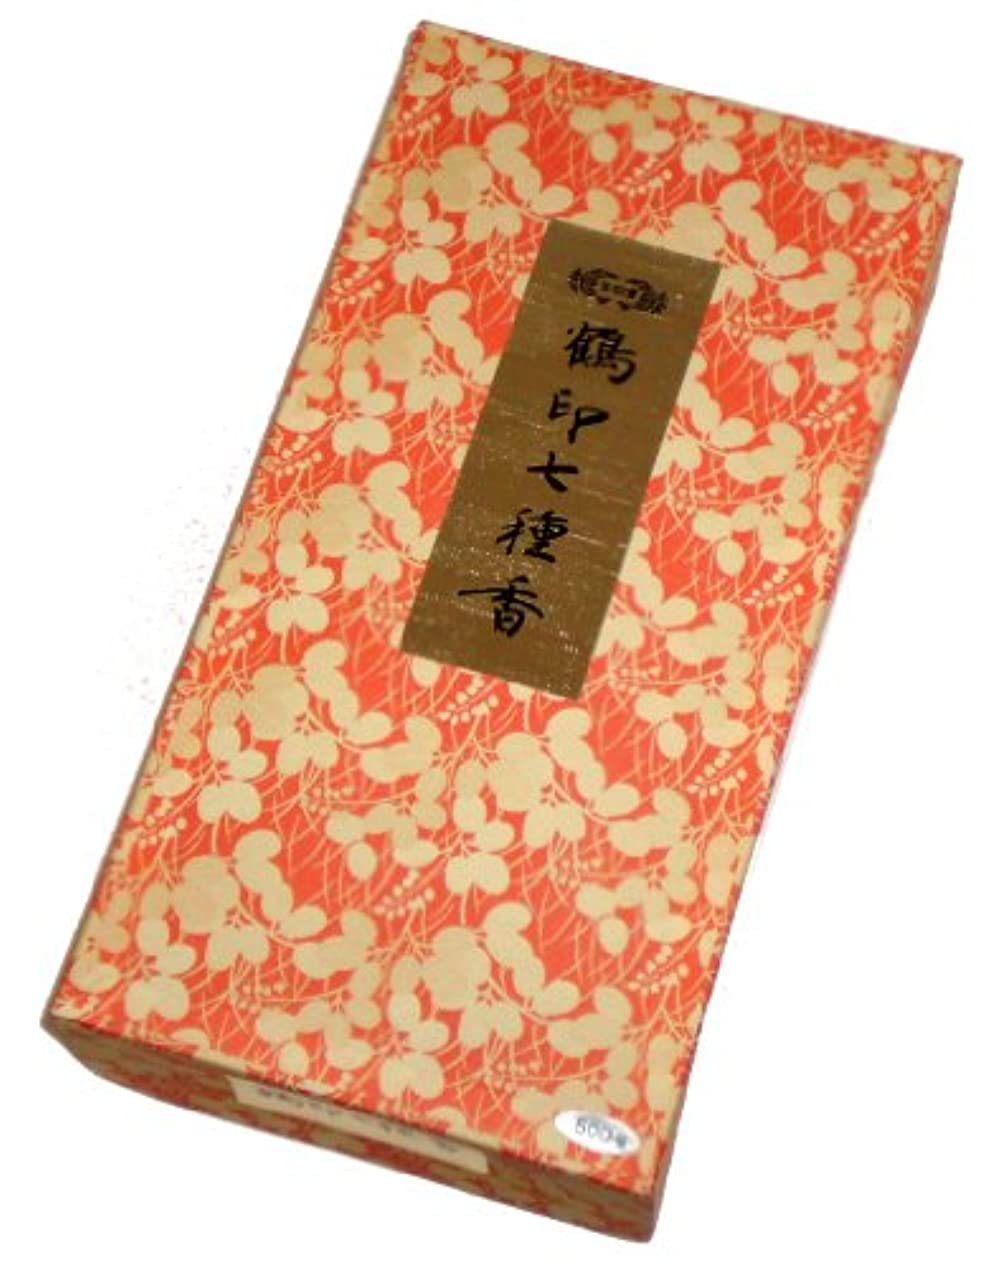 良性遅れまともな玉初堂のお香 鶴印七種香 500g #671